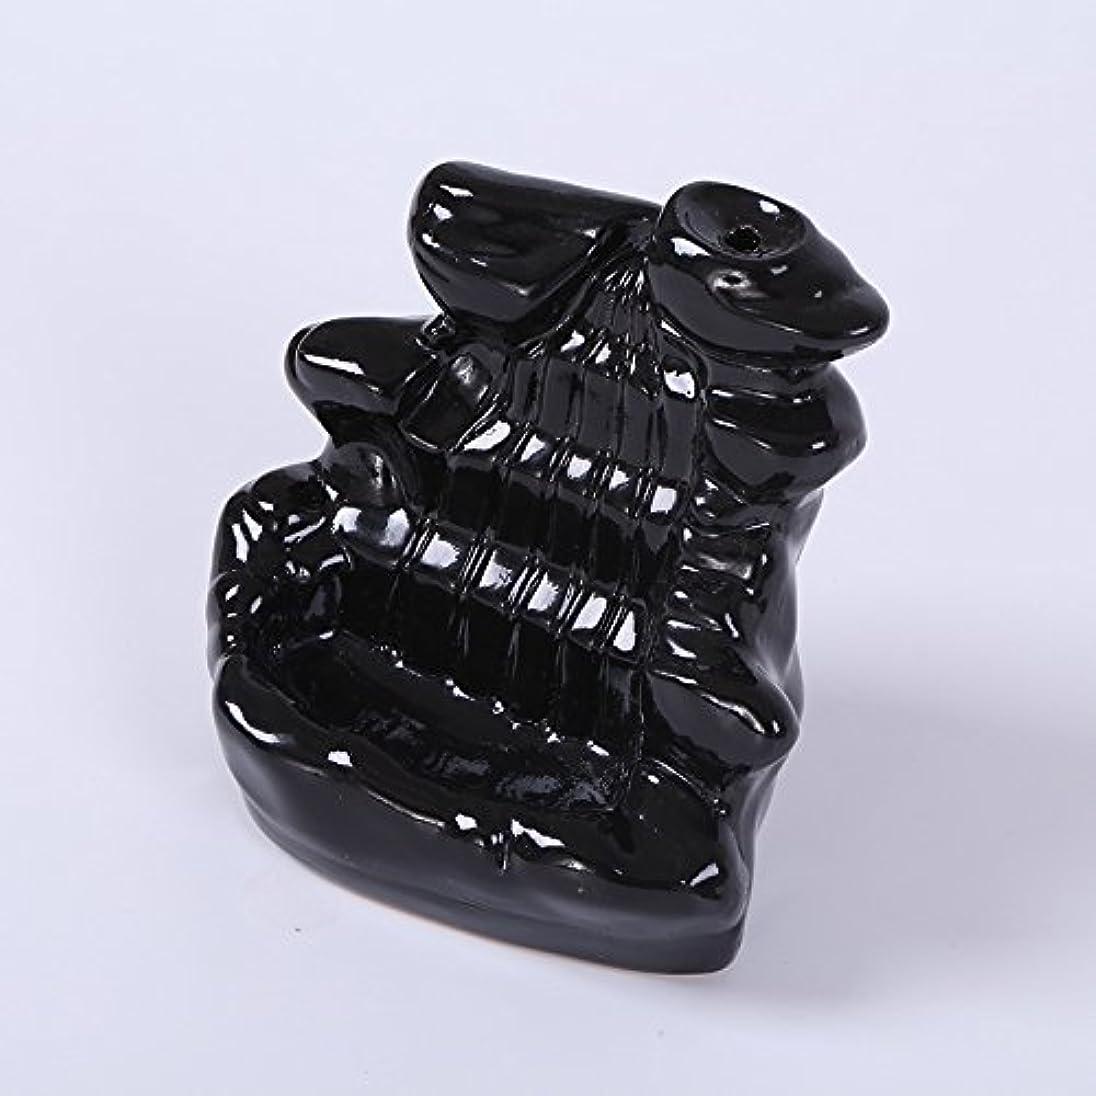 スポーツの試合を担当している人意識的矢印Kicode ブラック 滝の磁器の逆流 セラミックコーン 香炉 ホルダー仏教ホームオフィスデコレーション